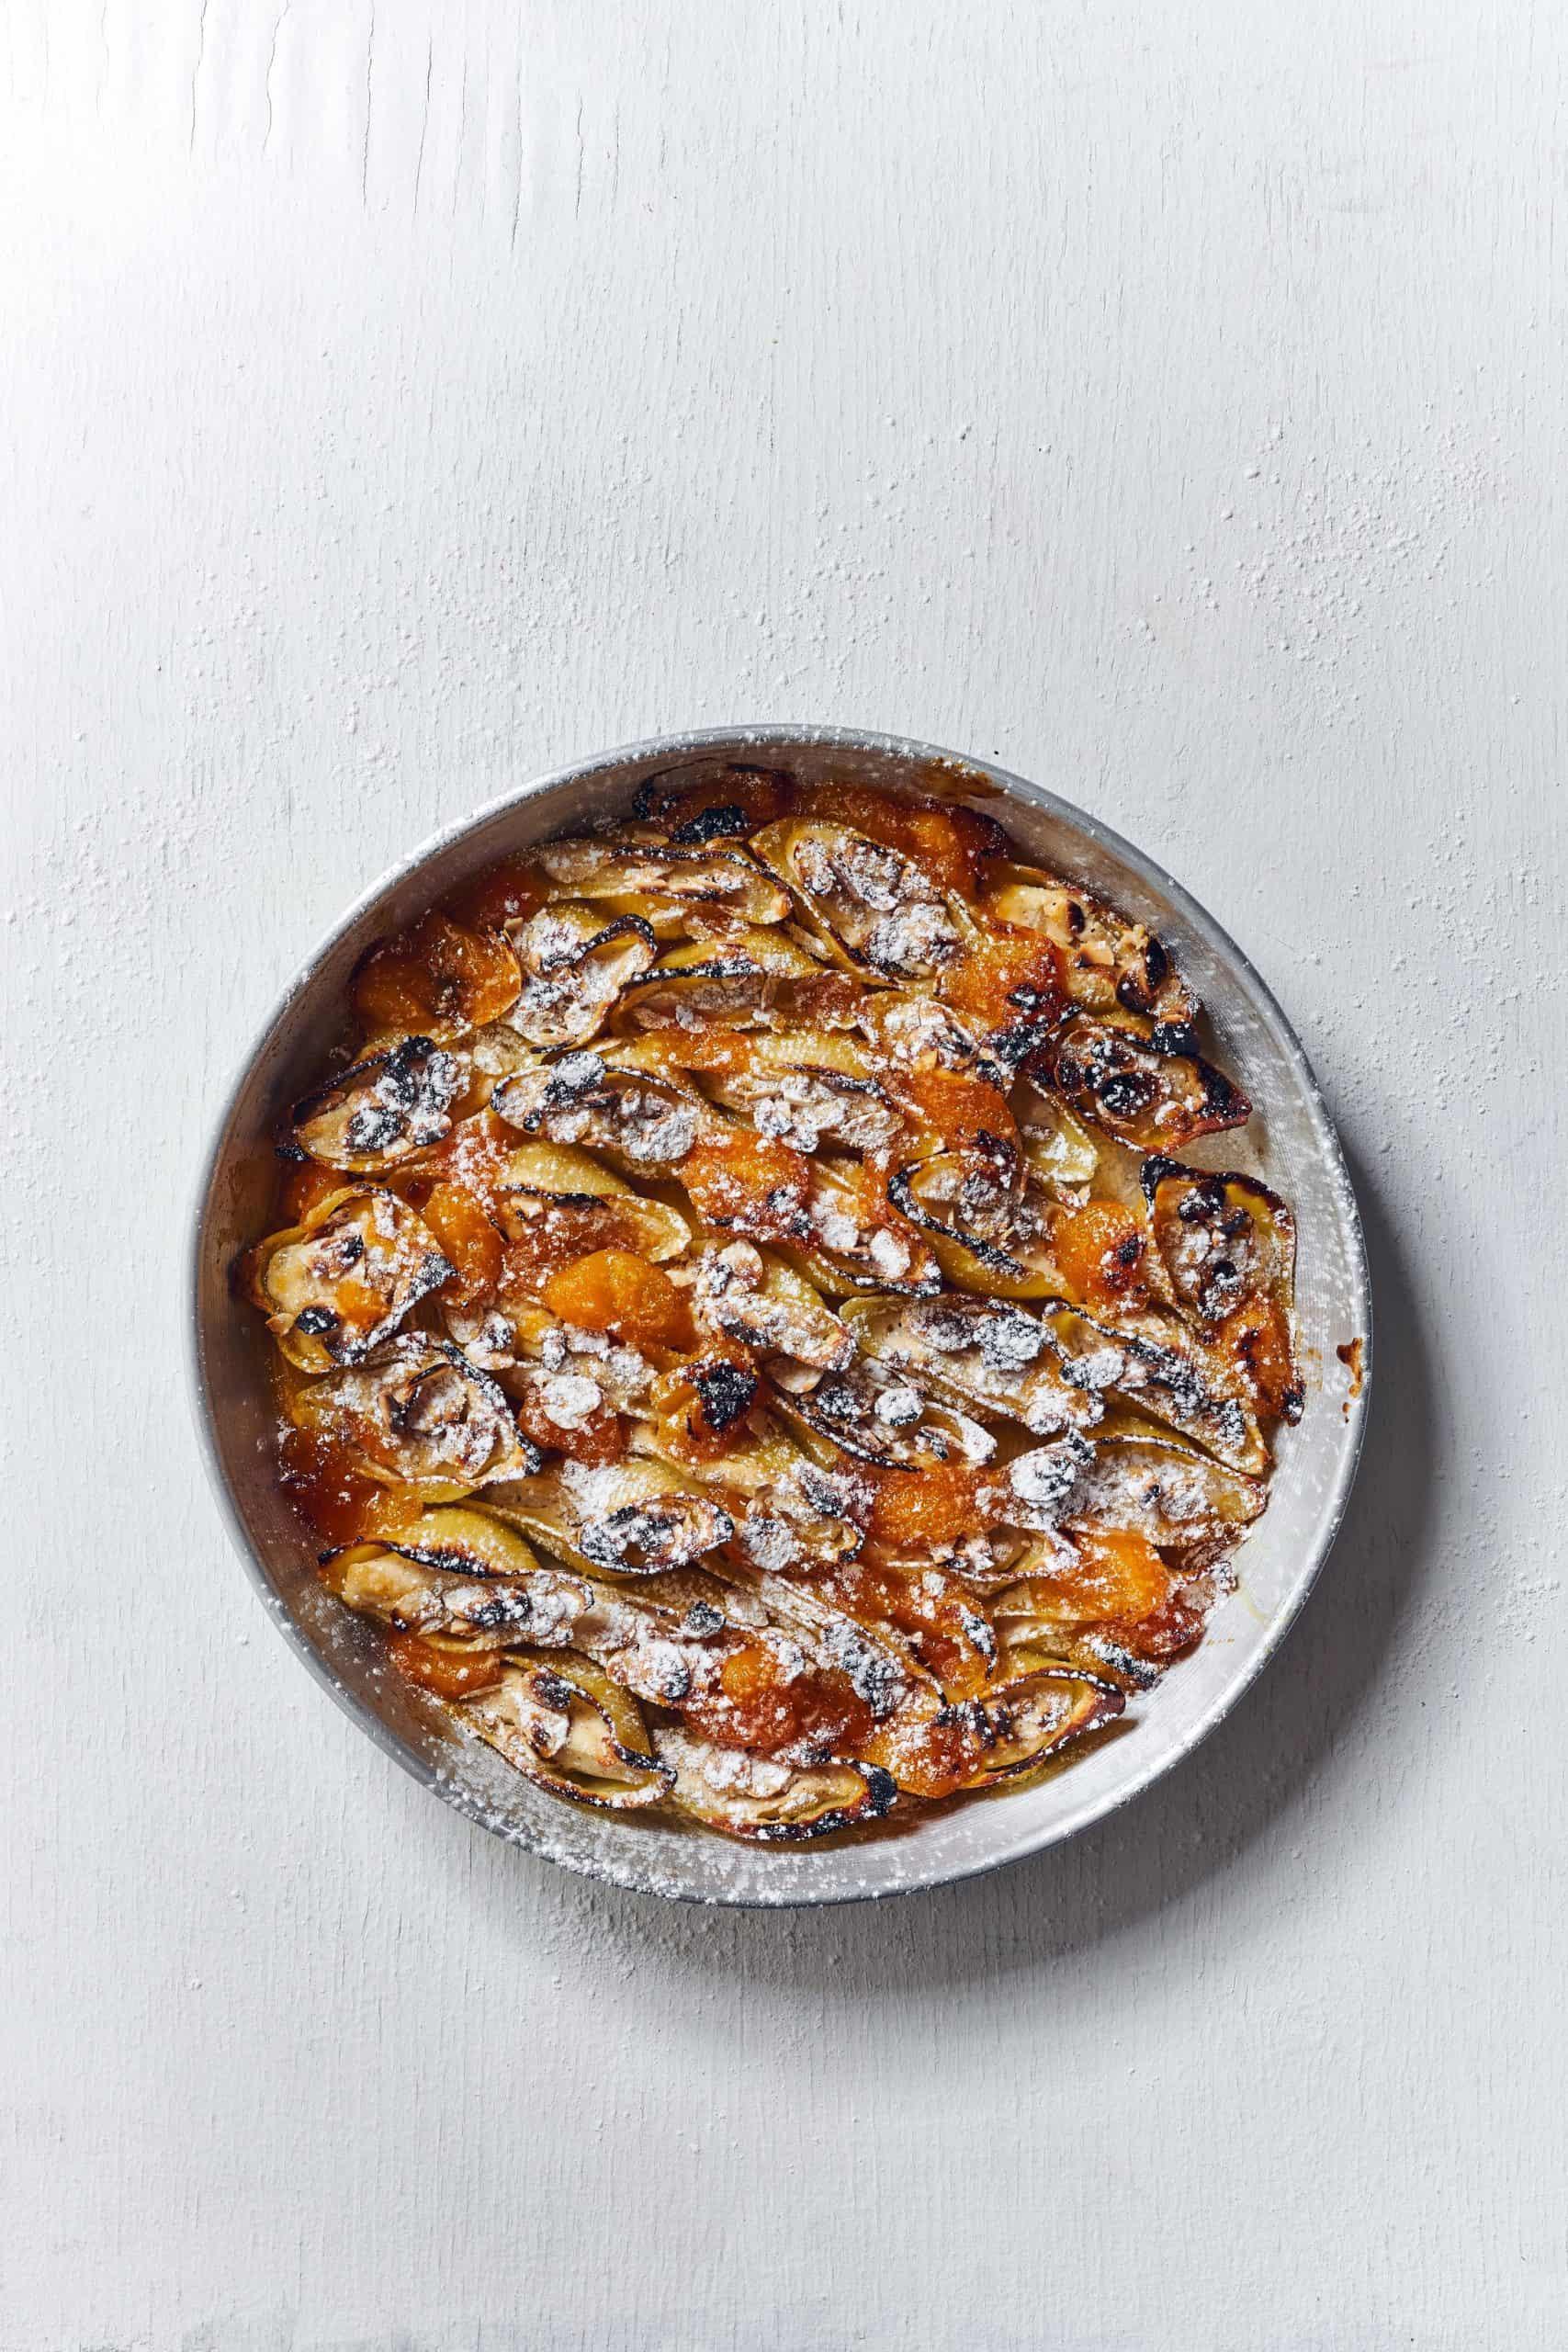 קונכיות פסטה ממולאות בעוגות ריקוטה שקדים ומשמשים צלויים